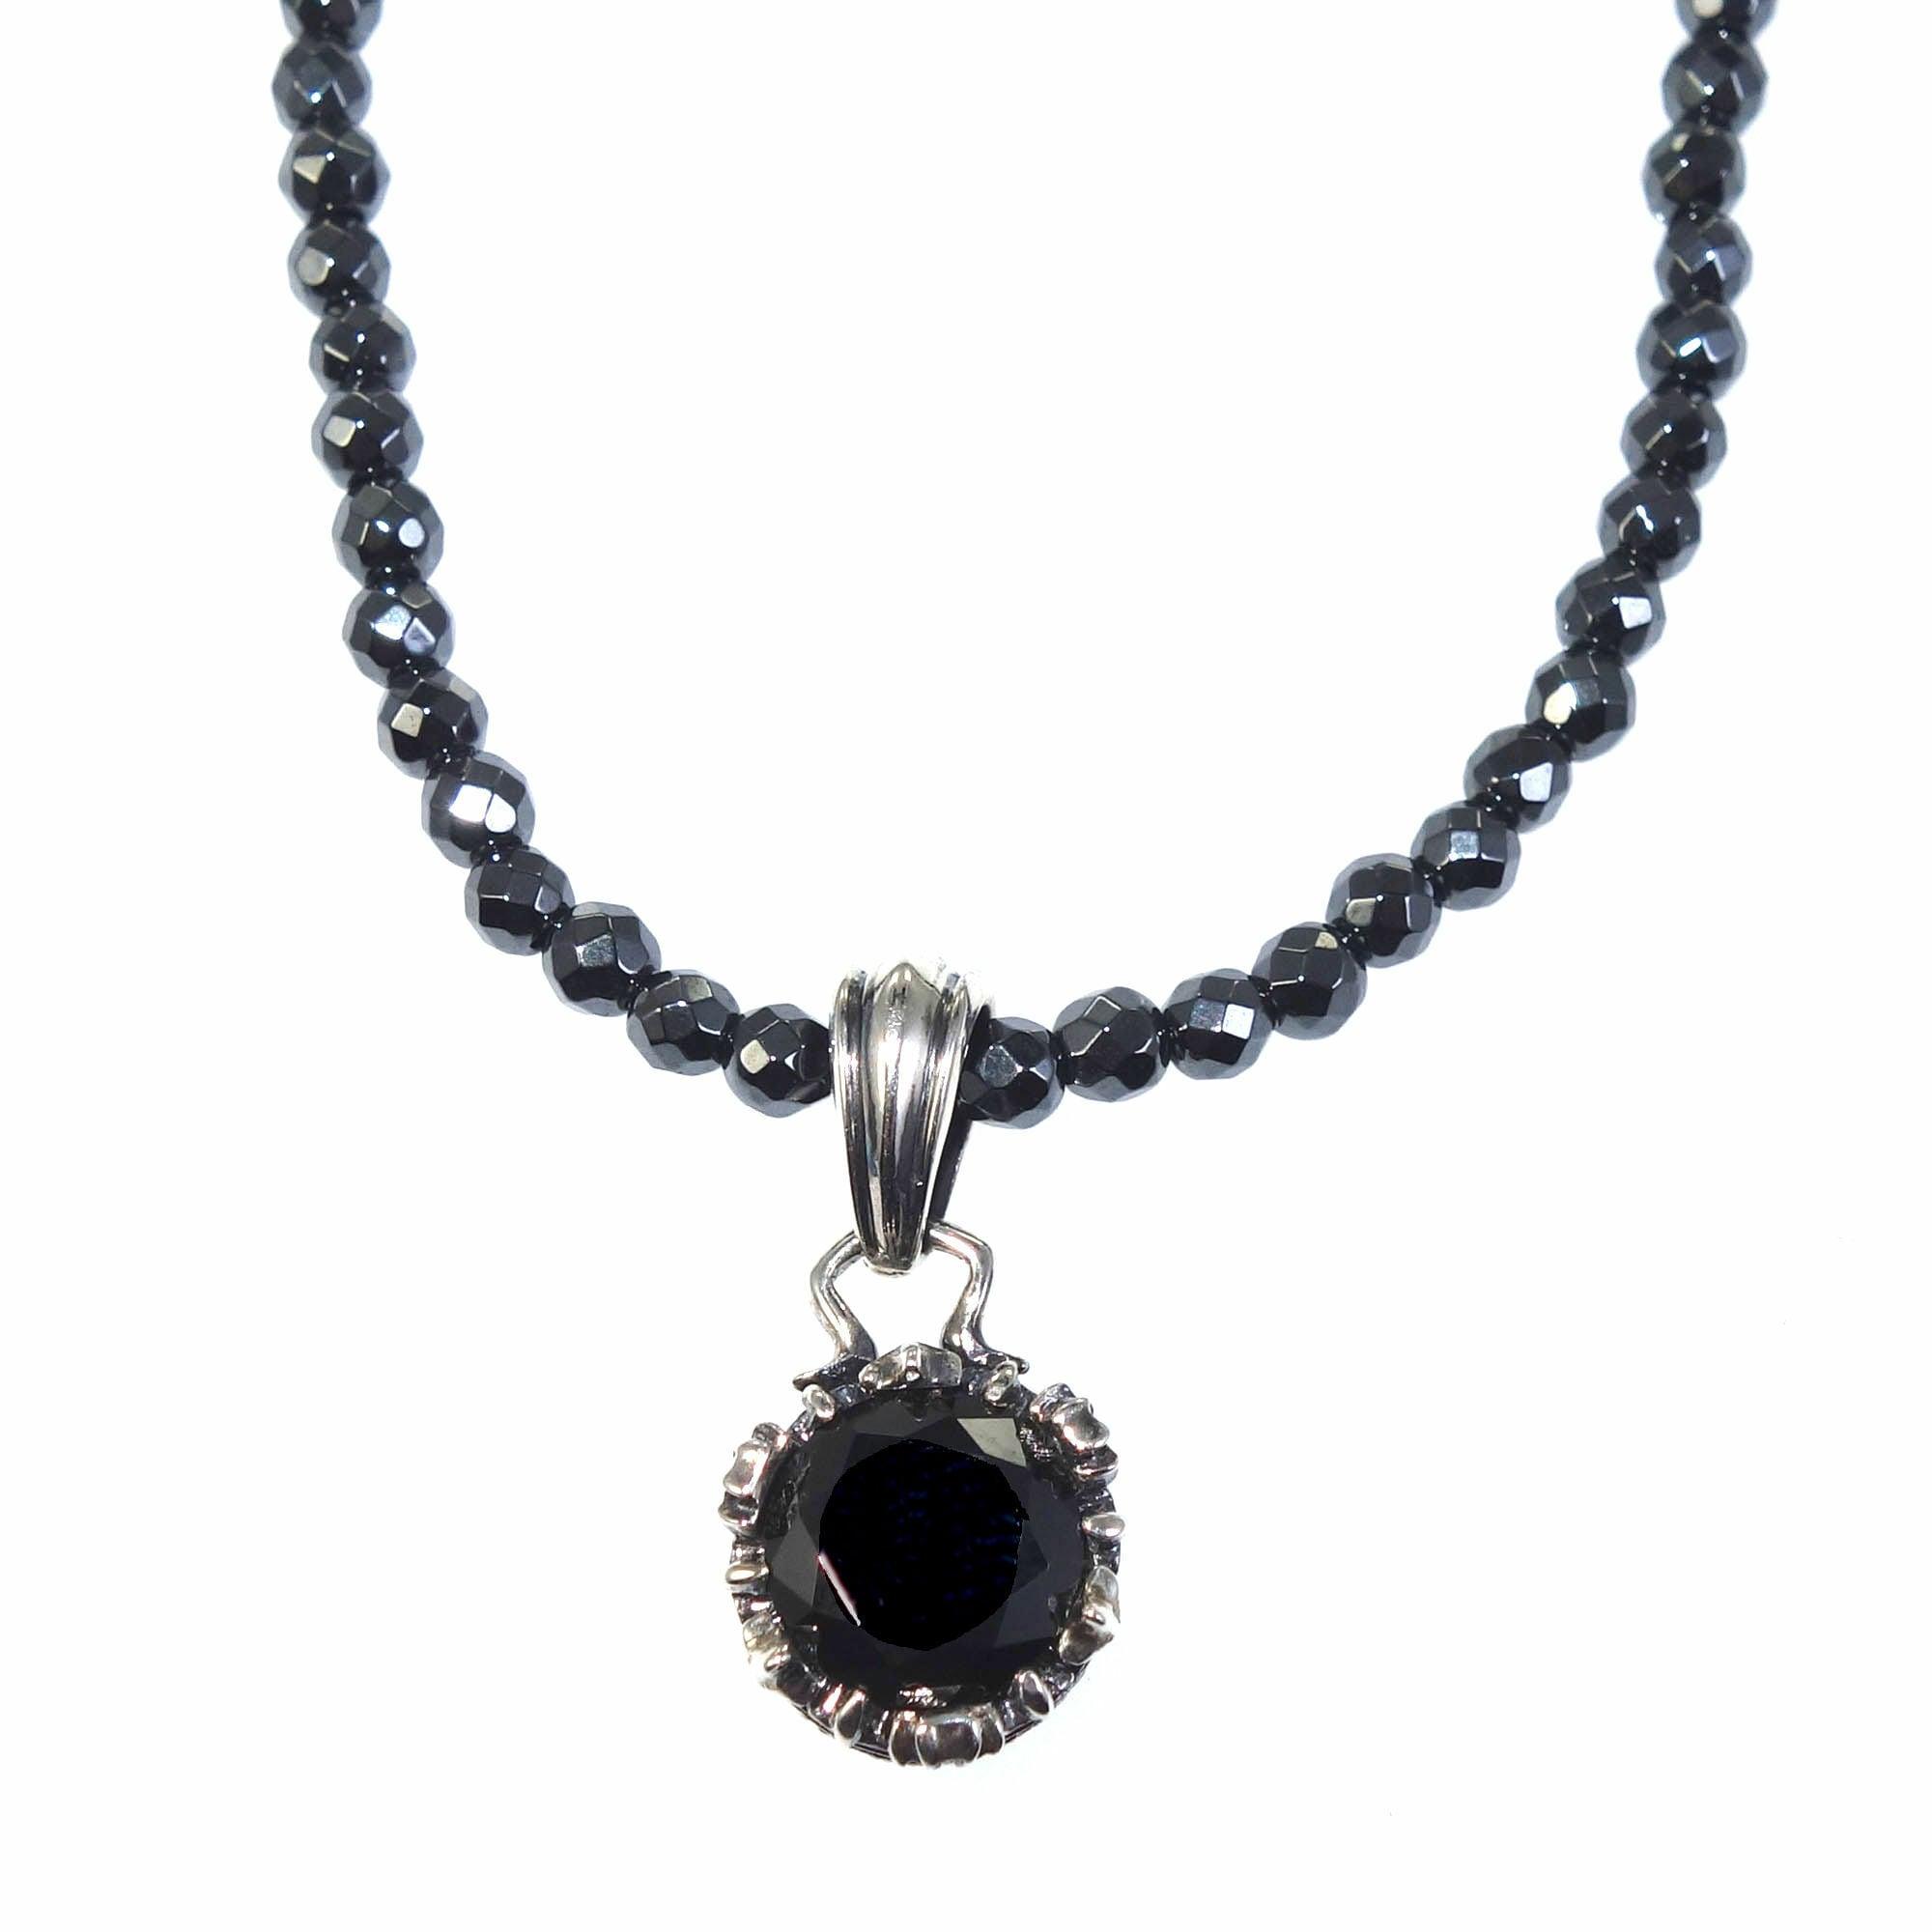 ミニクラウンチャームBK ACP0263 Mini crown charm black